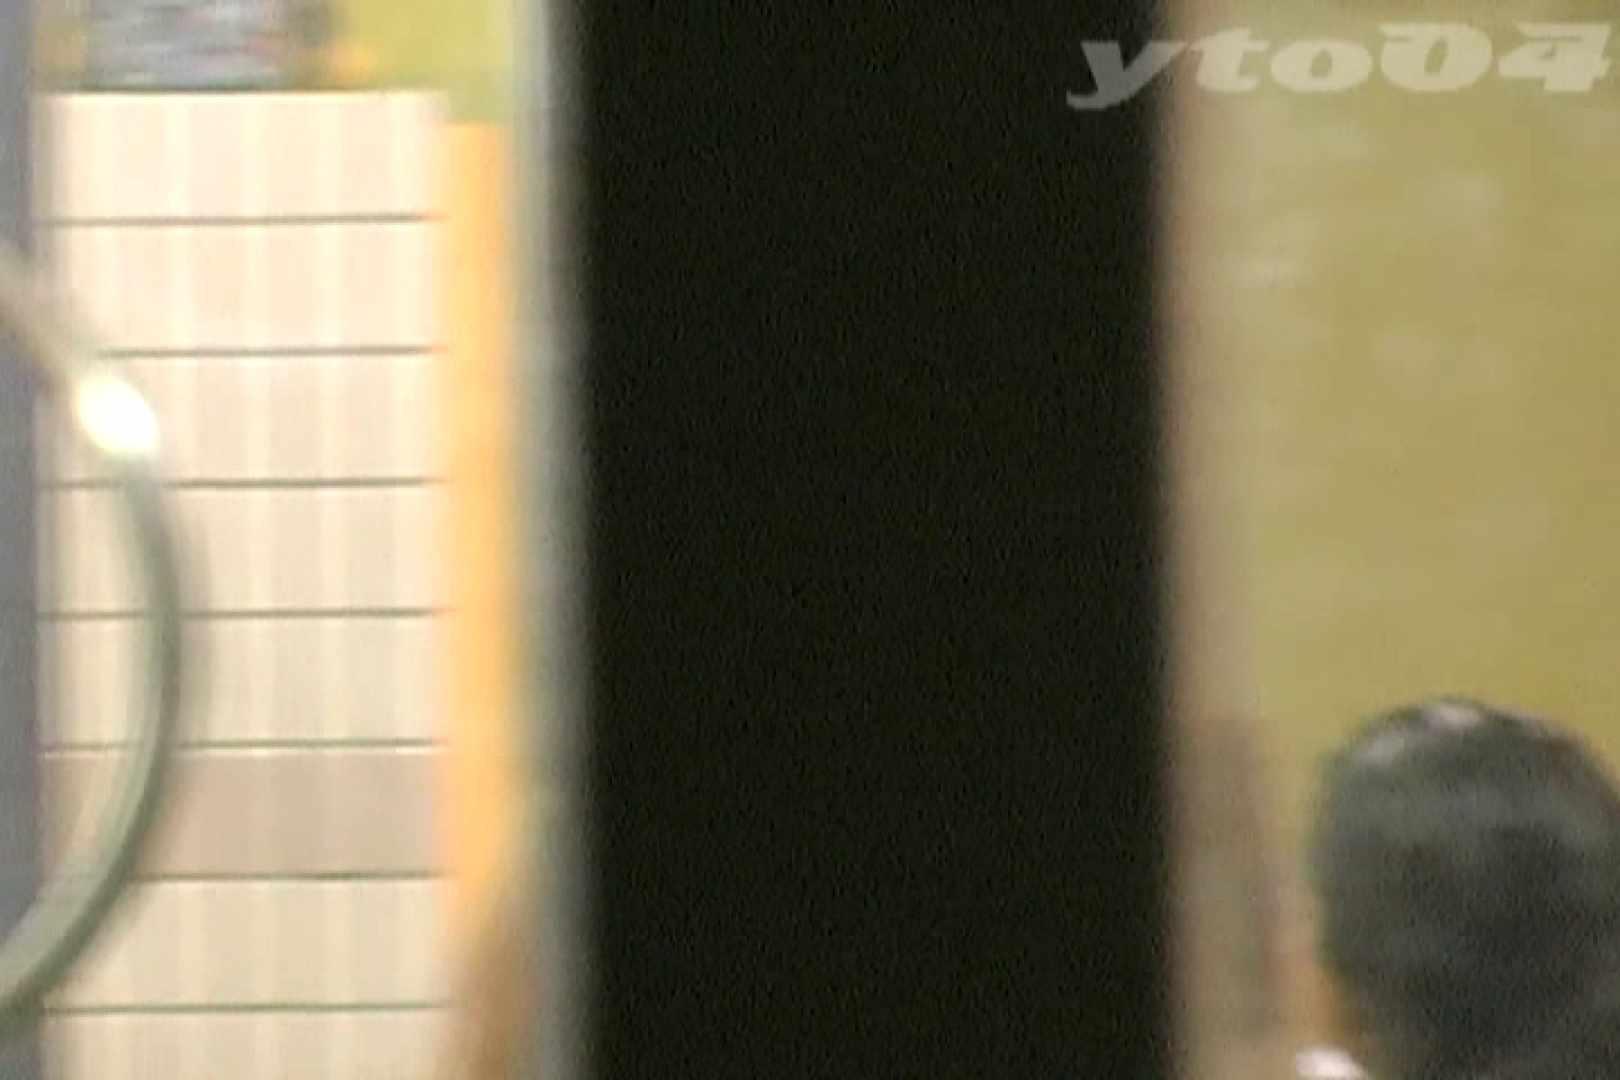 ▲復活限定▲合宿ホテル女風呂盗撮 Vol.26 盗撮エロすぎ   名作  85連発 38